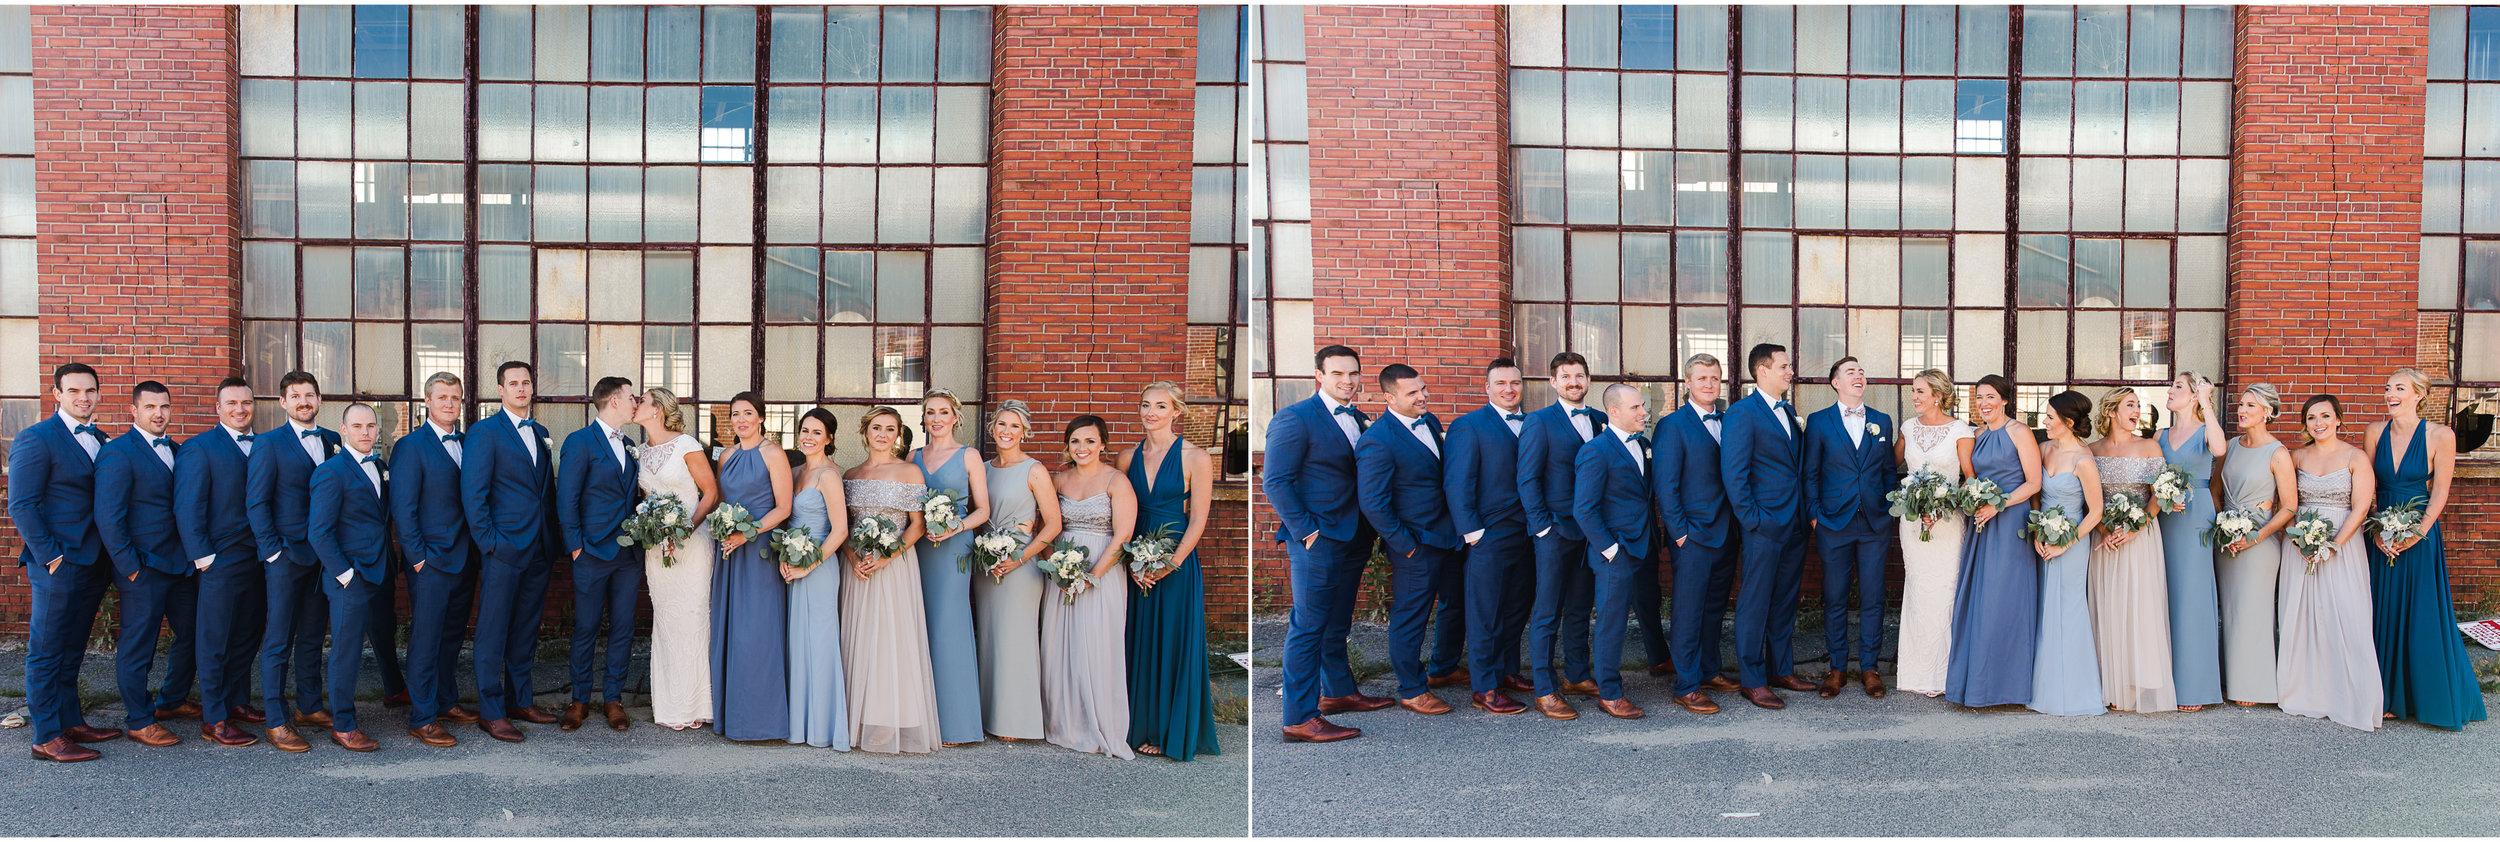 Portland, Maine Wedding at Ocean Gateway 23.jpg